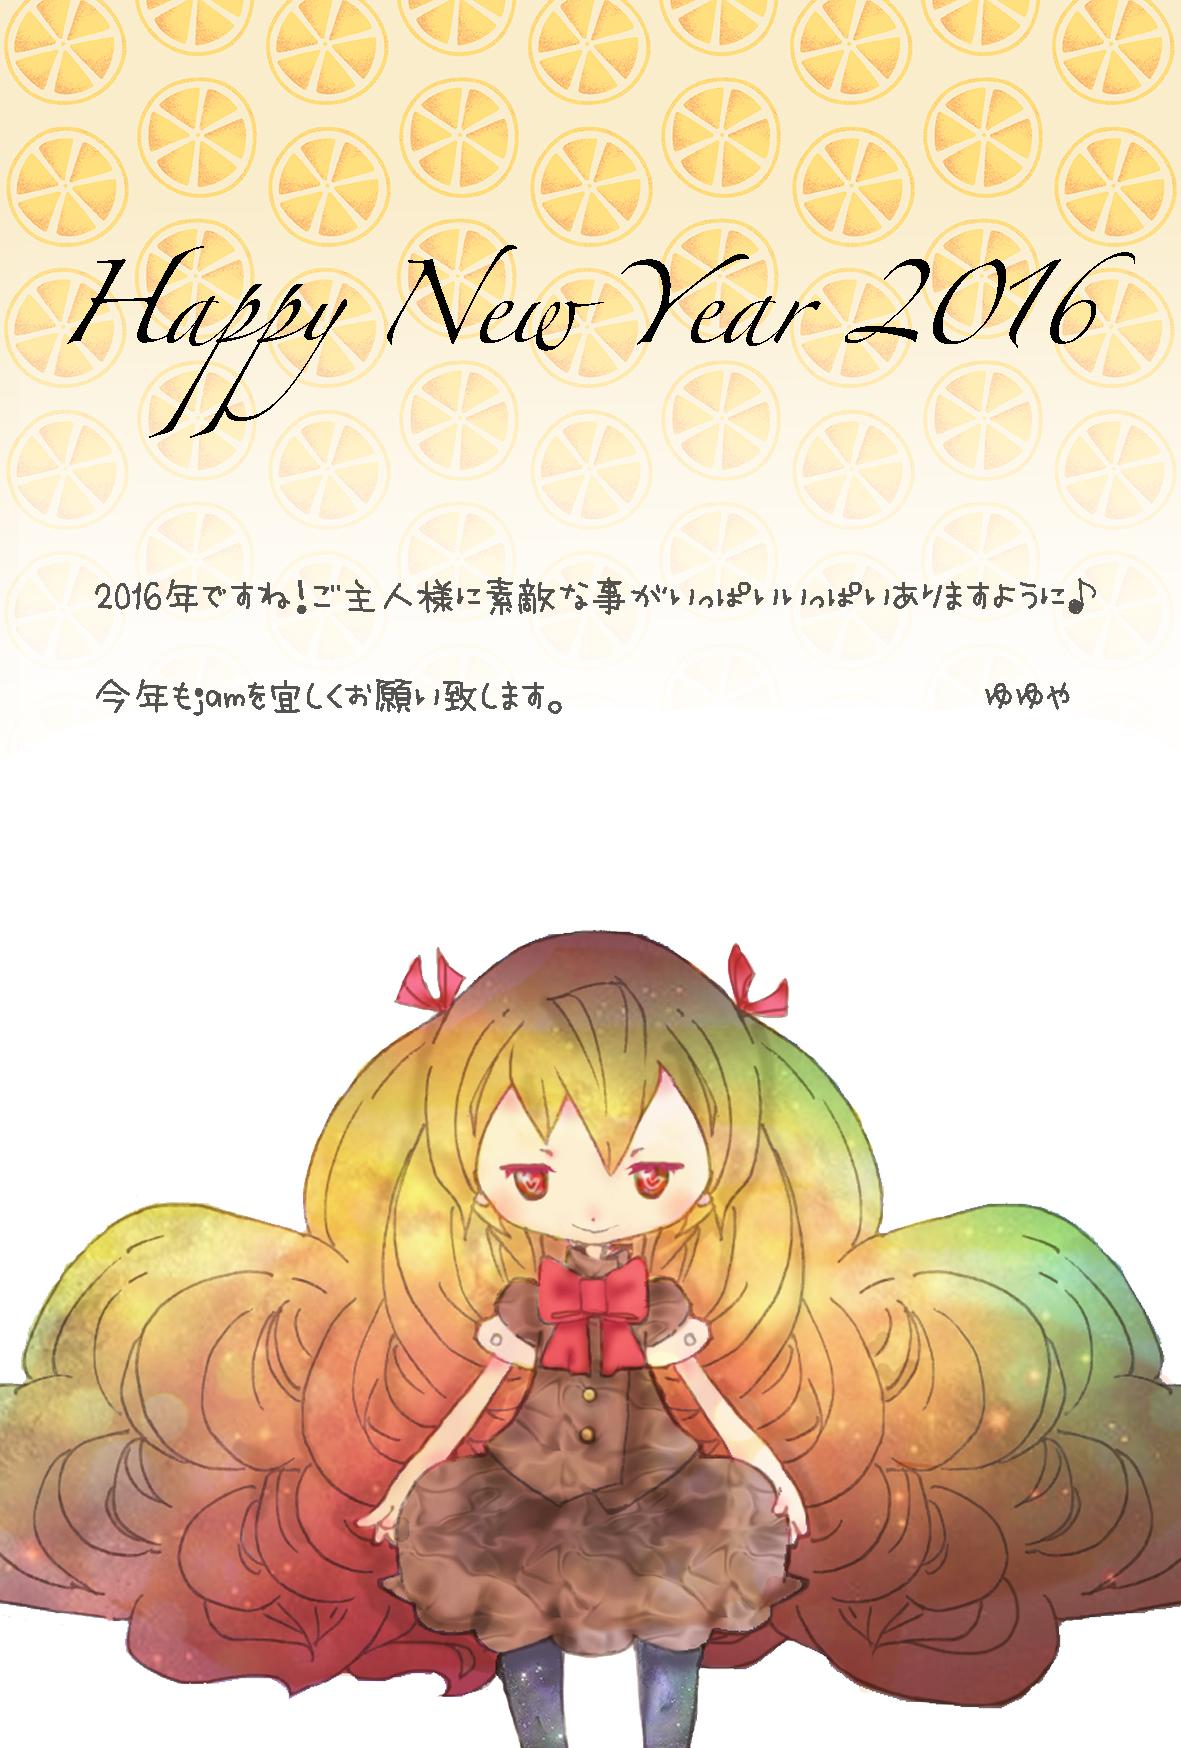 年賀状2016ー!